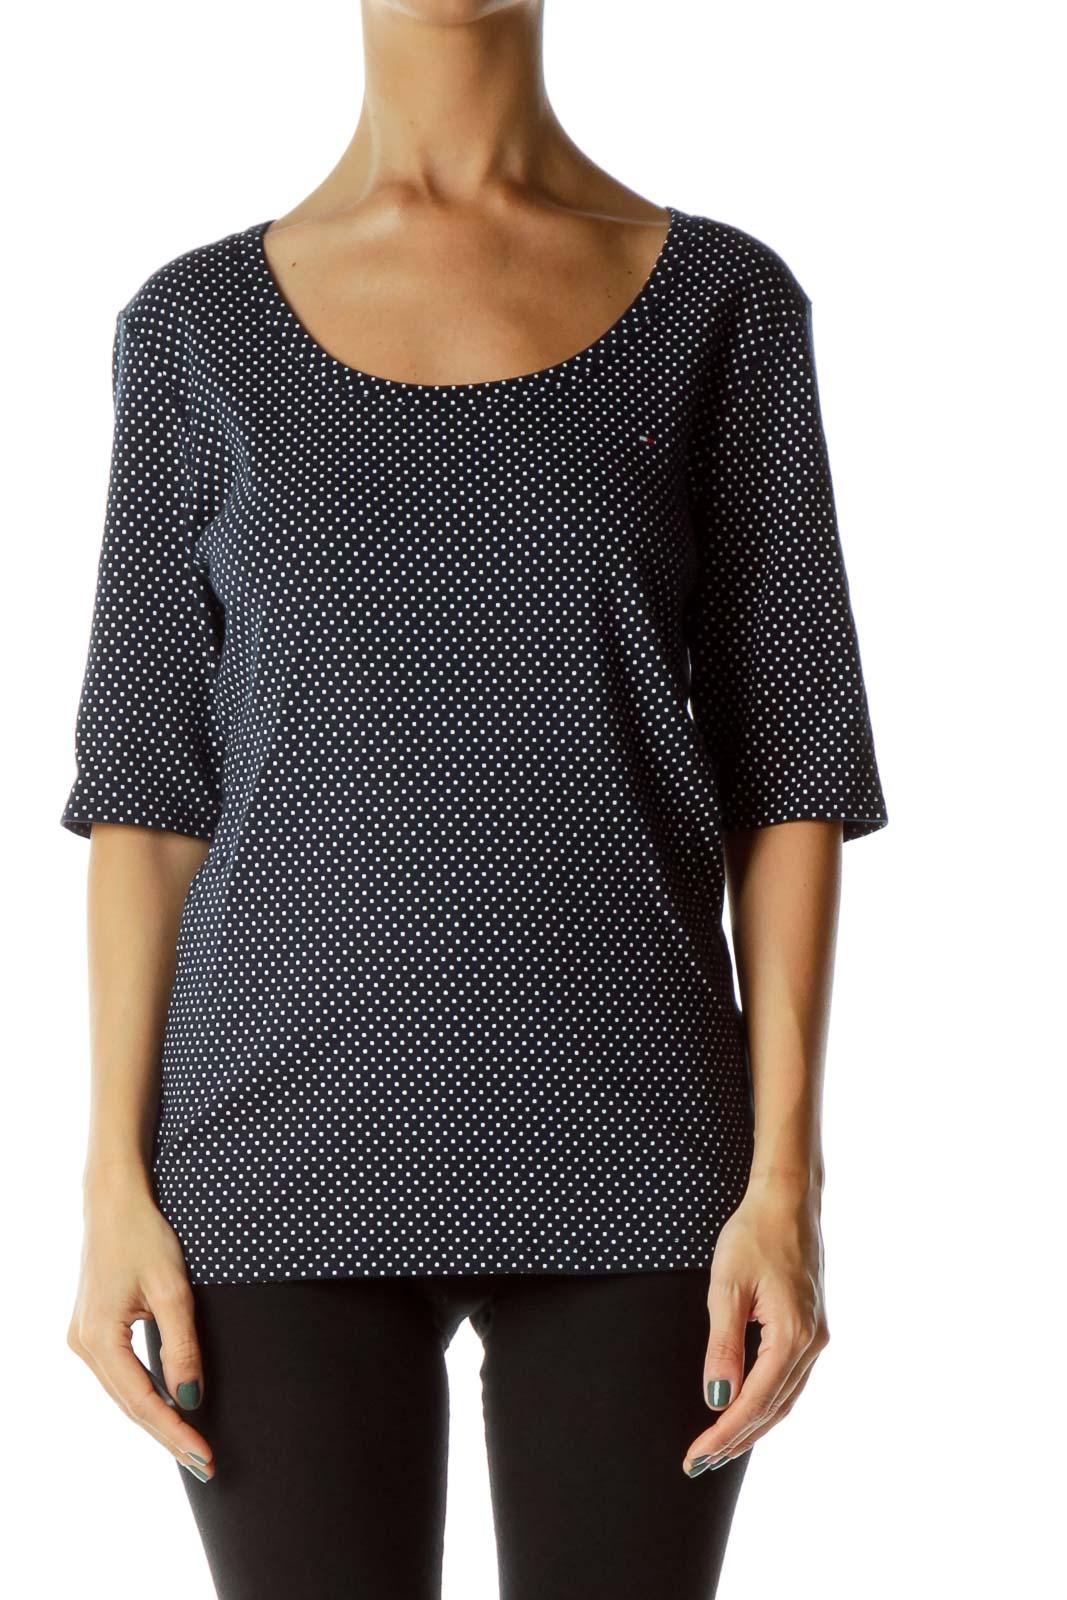 Black White Polka Dot T-Shirt